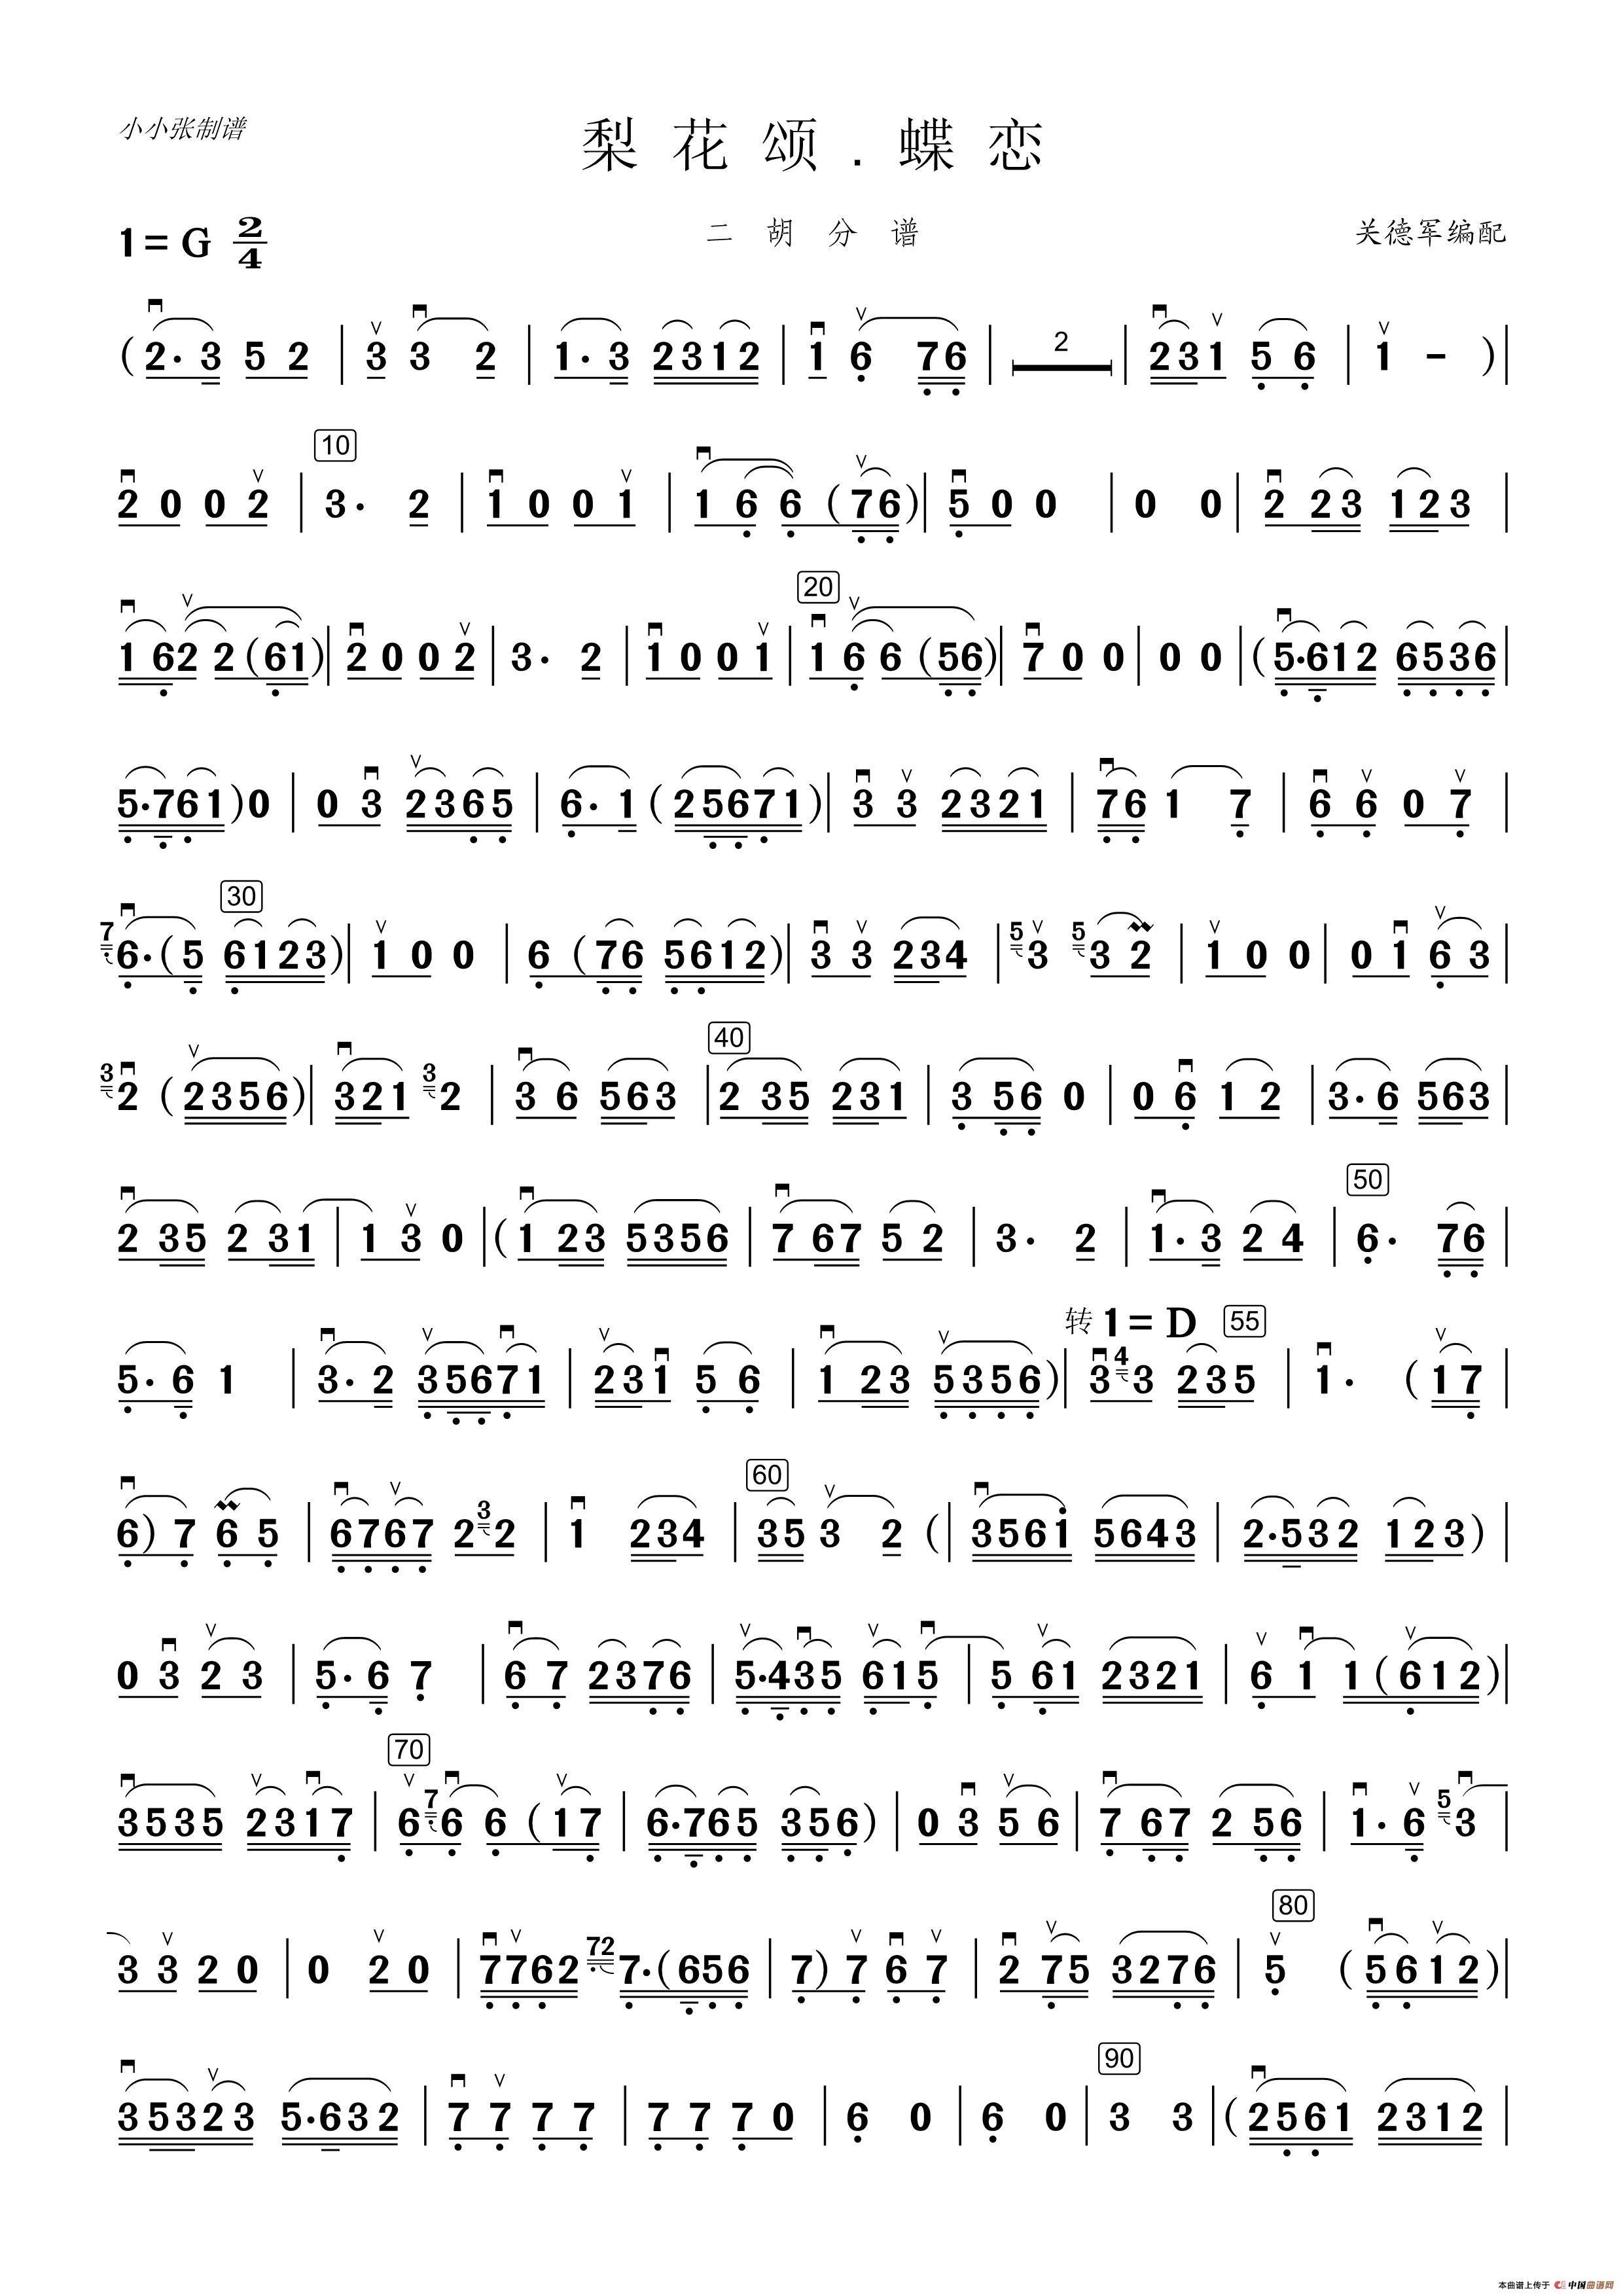 梨花颂 蝶恋简谱 二胡分谱 小小张666个人制谱园地 中国曲谱网